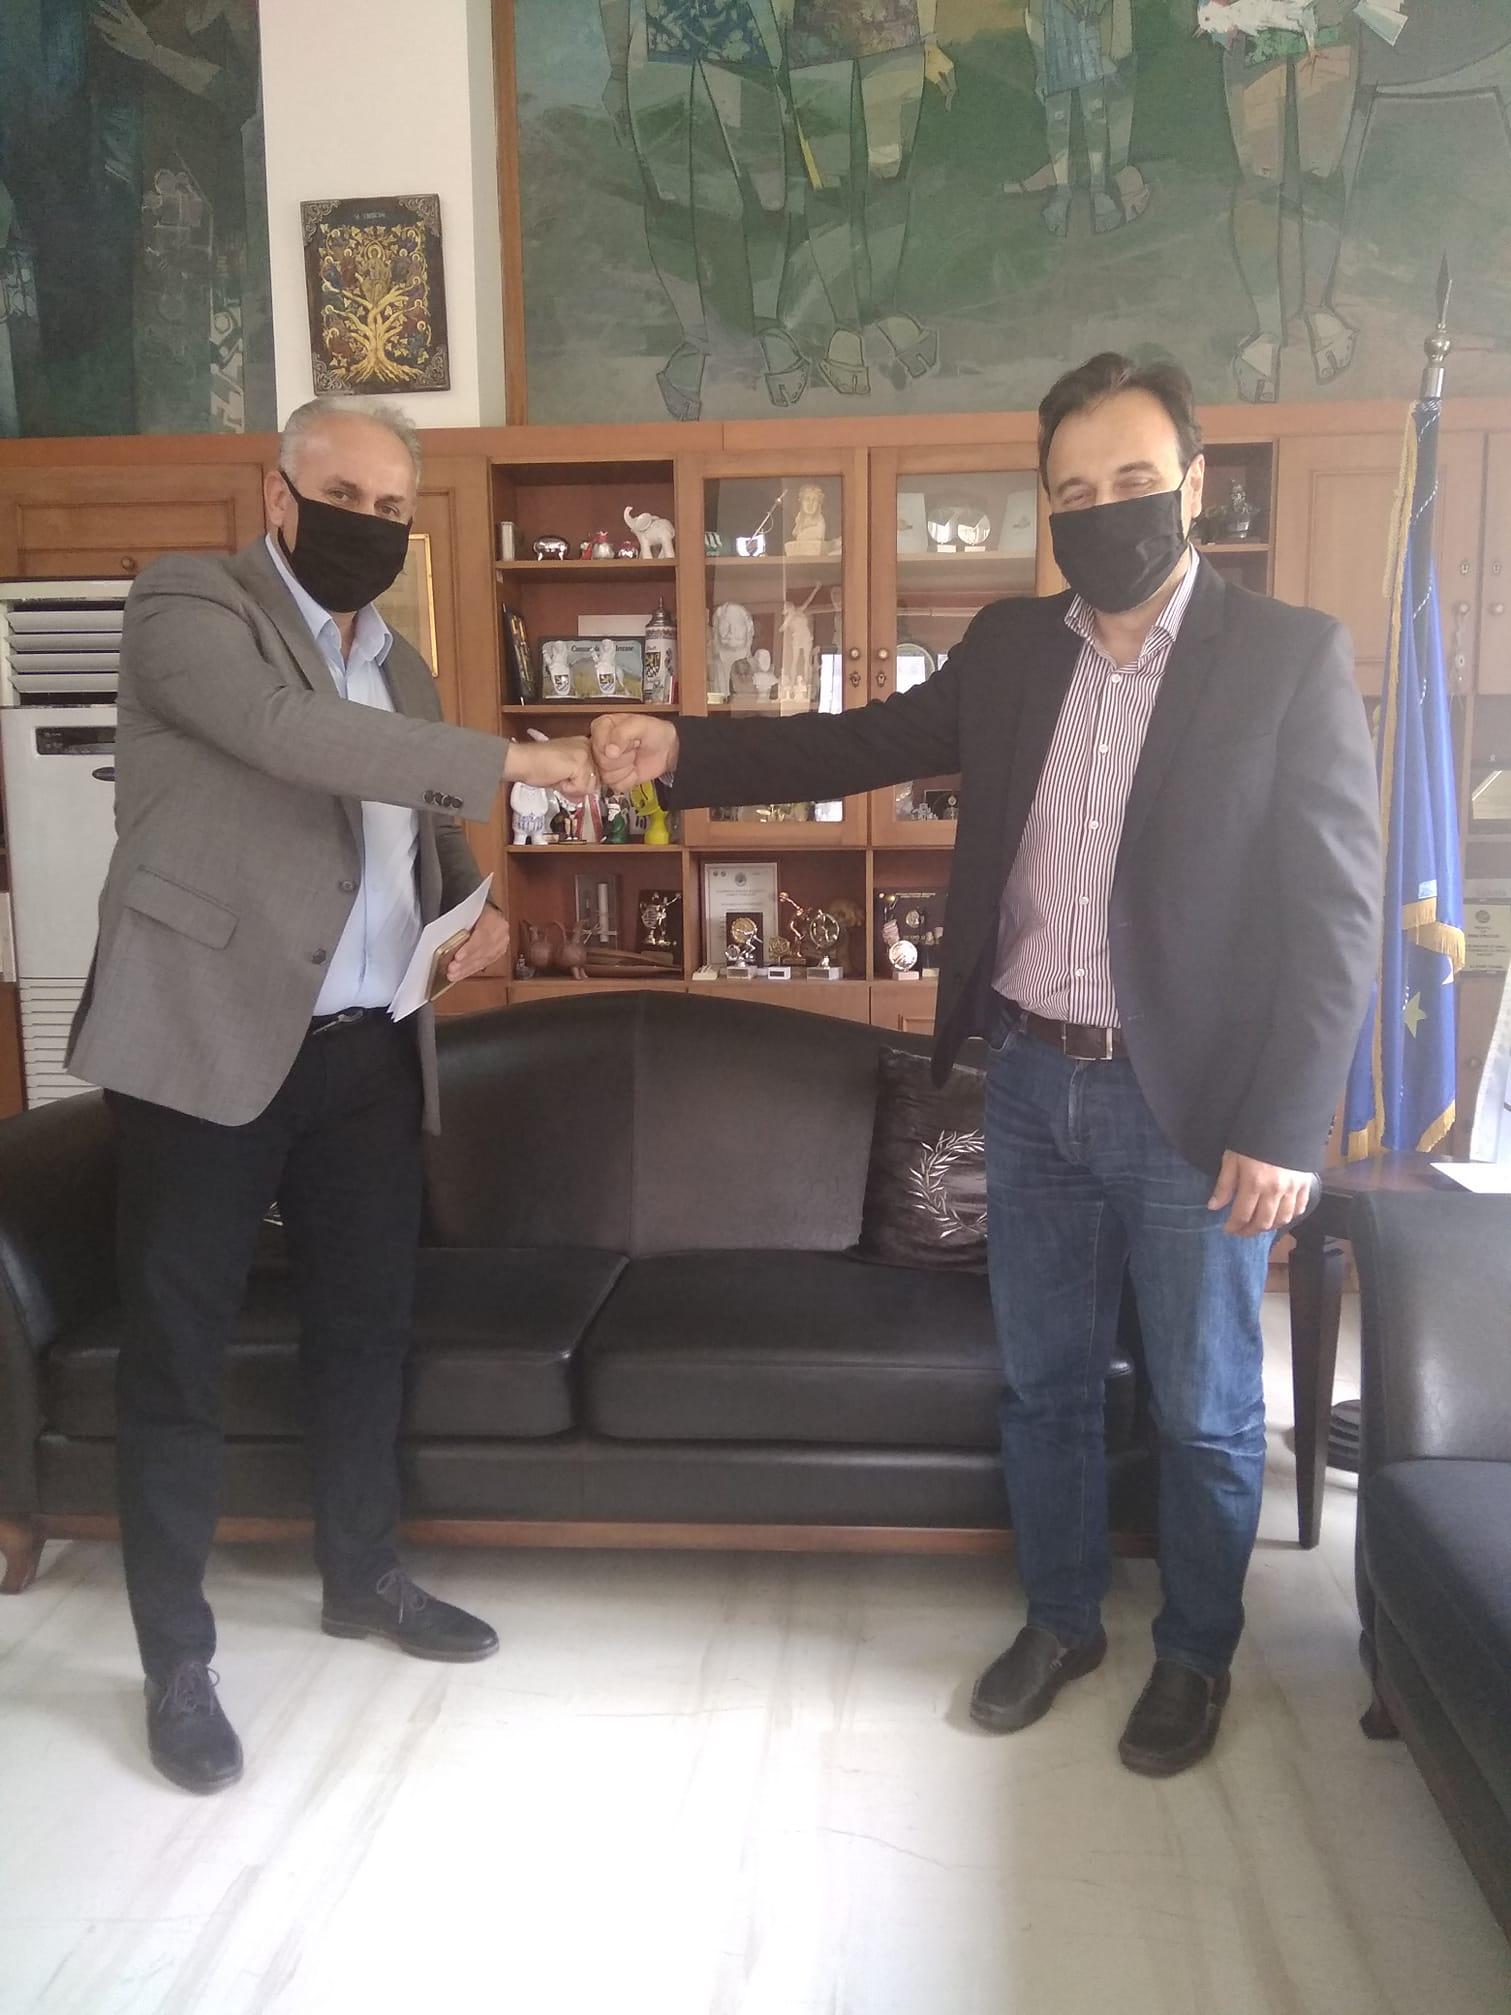 Δήμος Πύργου- Μαρίνος Αχτύπης: «Στα Τρίκαλα για το μέλλον και την εξέλιξη της Δημοτικής Αστυνομίας»